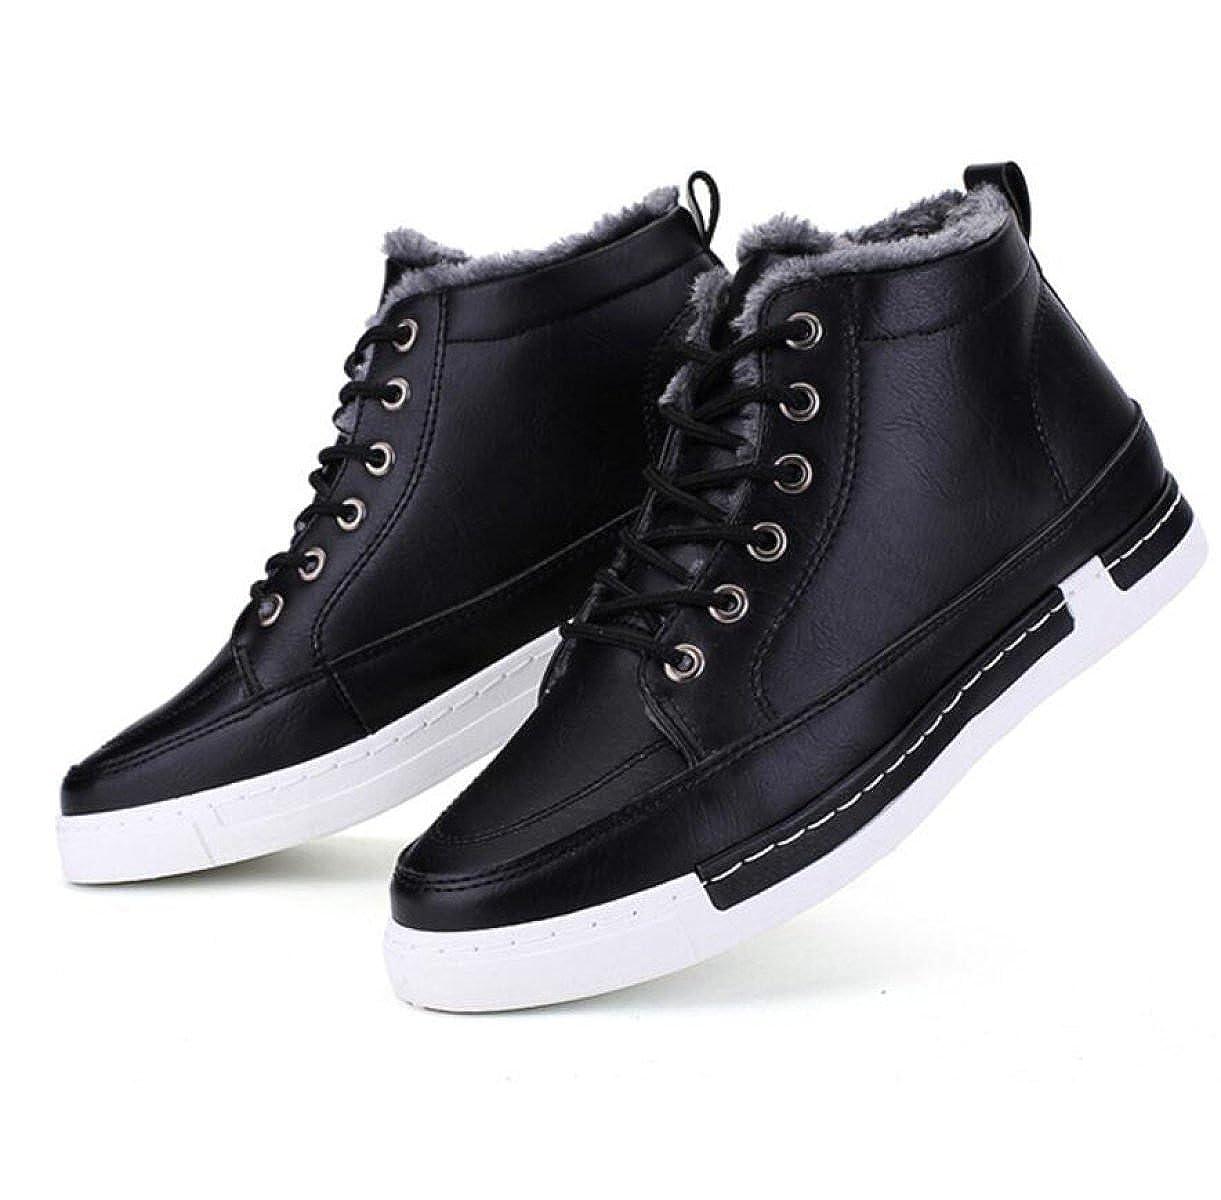 Winter Männer Plus Kaschmir Warm Baumwolle Schuhe Koreanische Version Studenten Schuhe Hohe Hilfe Casual Board Schuhe Studenten schwarz a55e3e